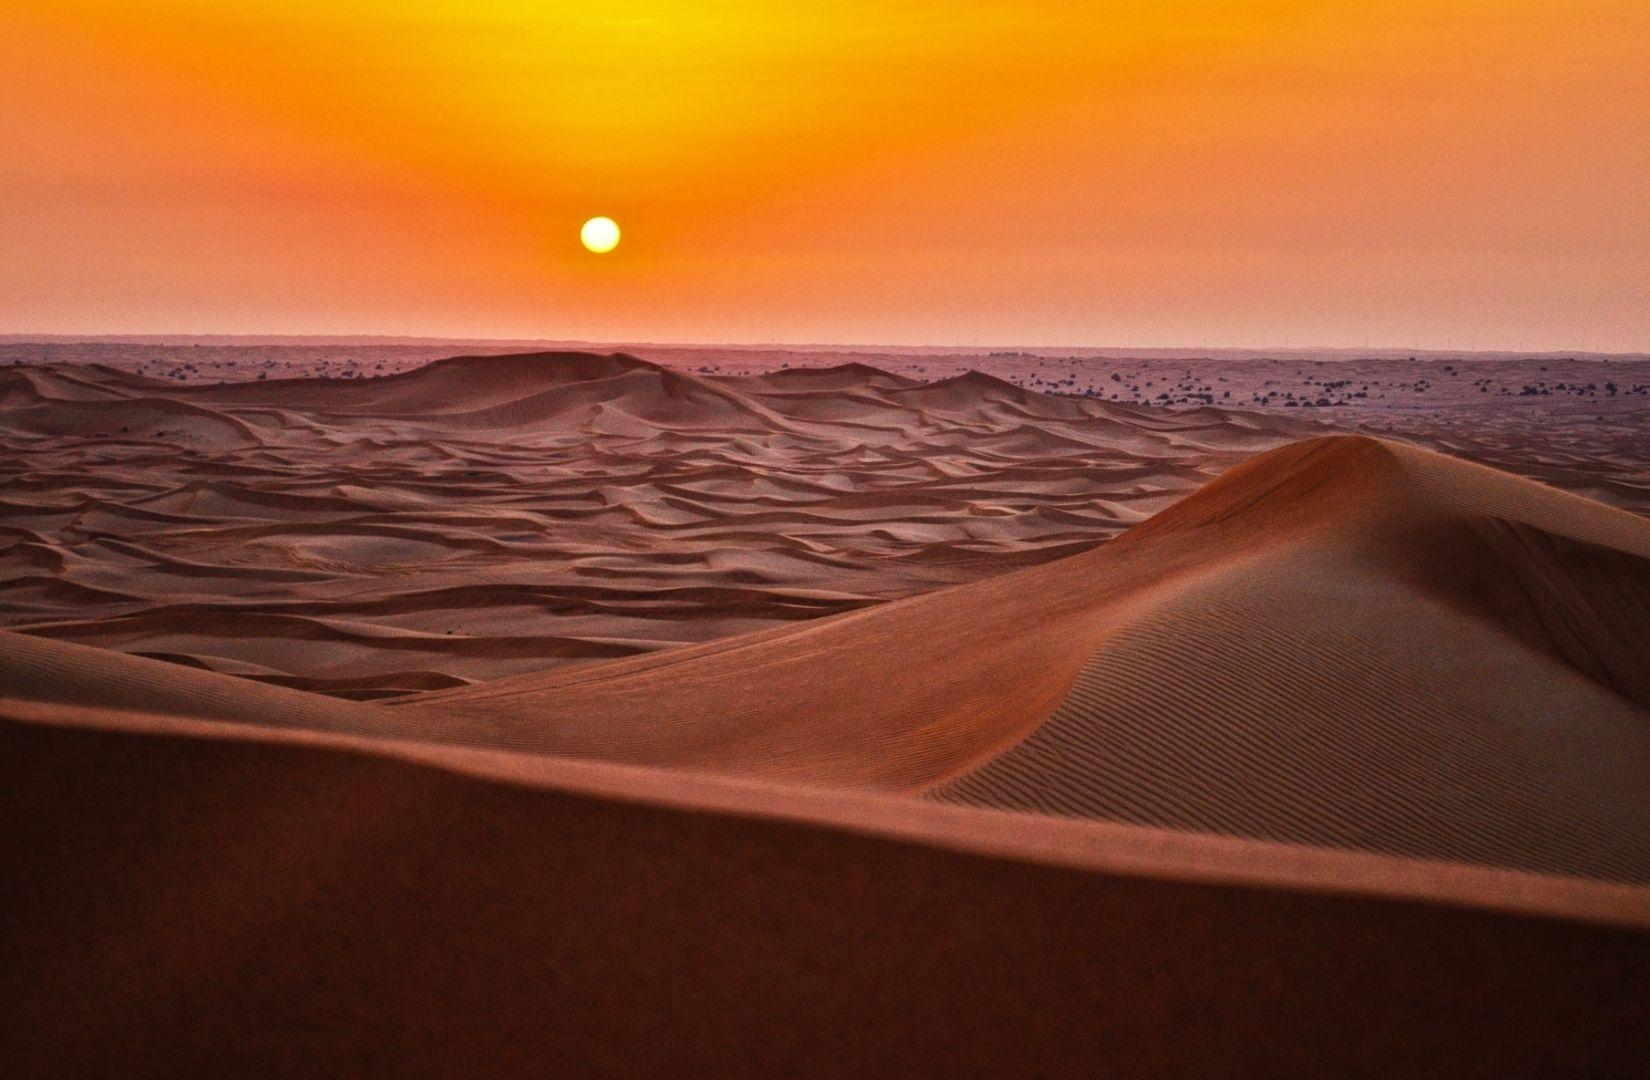 Die Hitze der Wüste ist wie Feuer am Fuss. (Foto: Fabian Struwe, Unsplash.com)